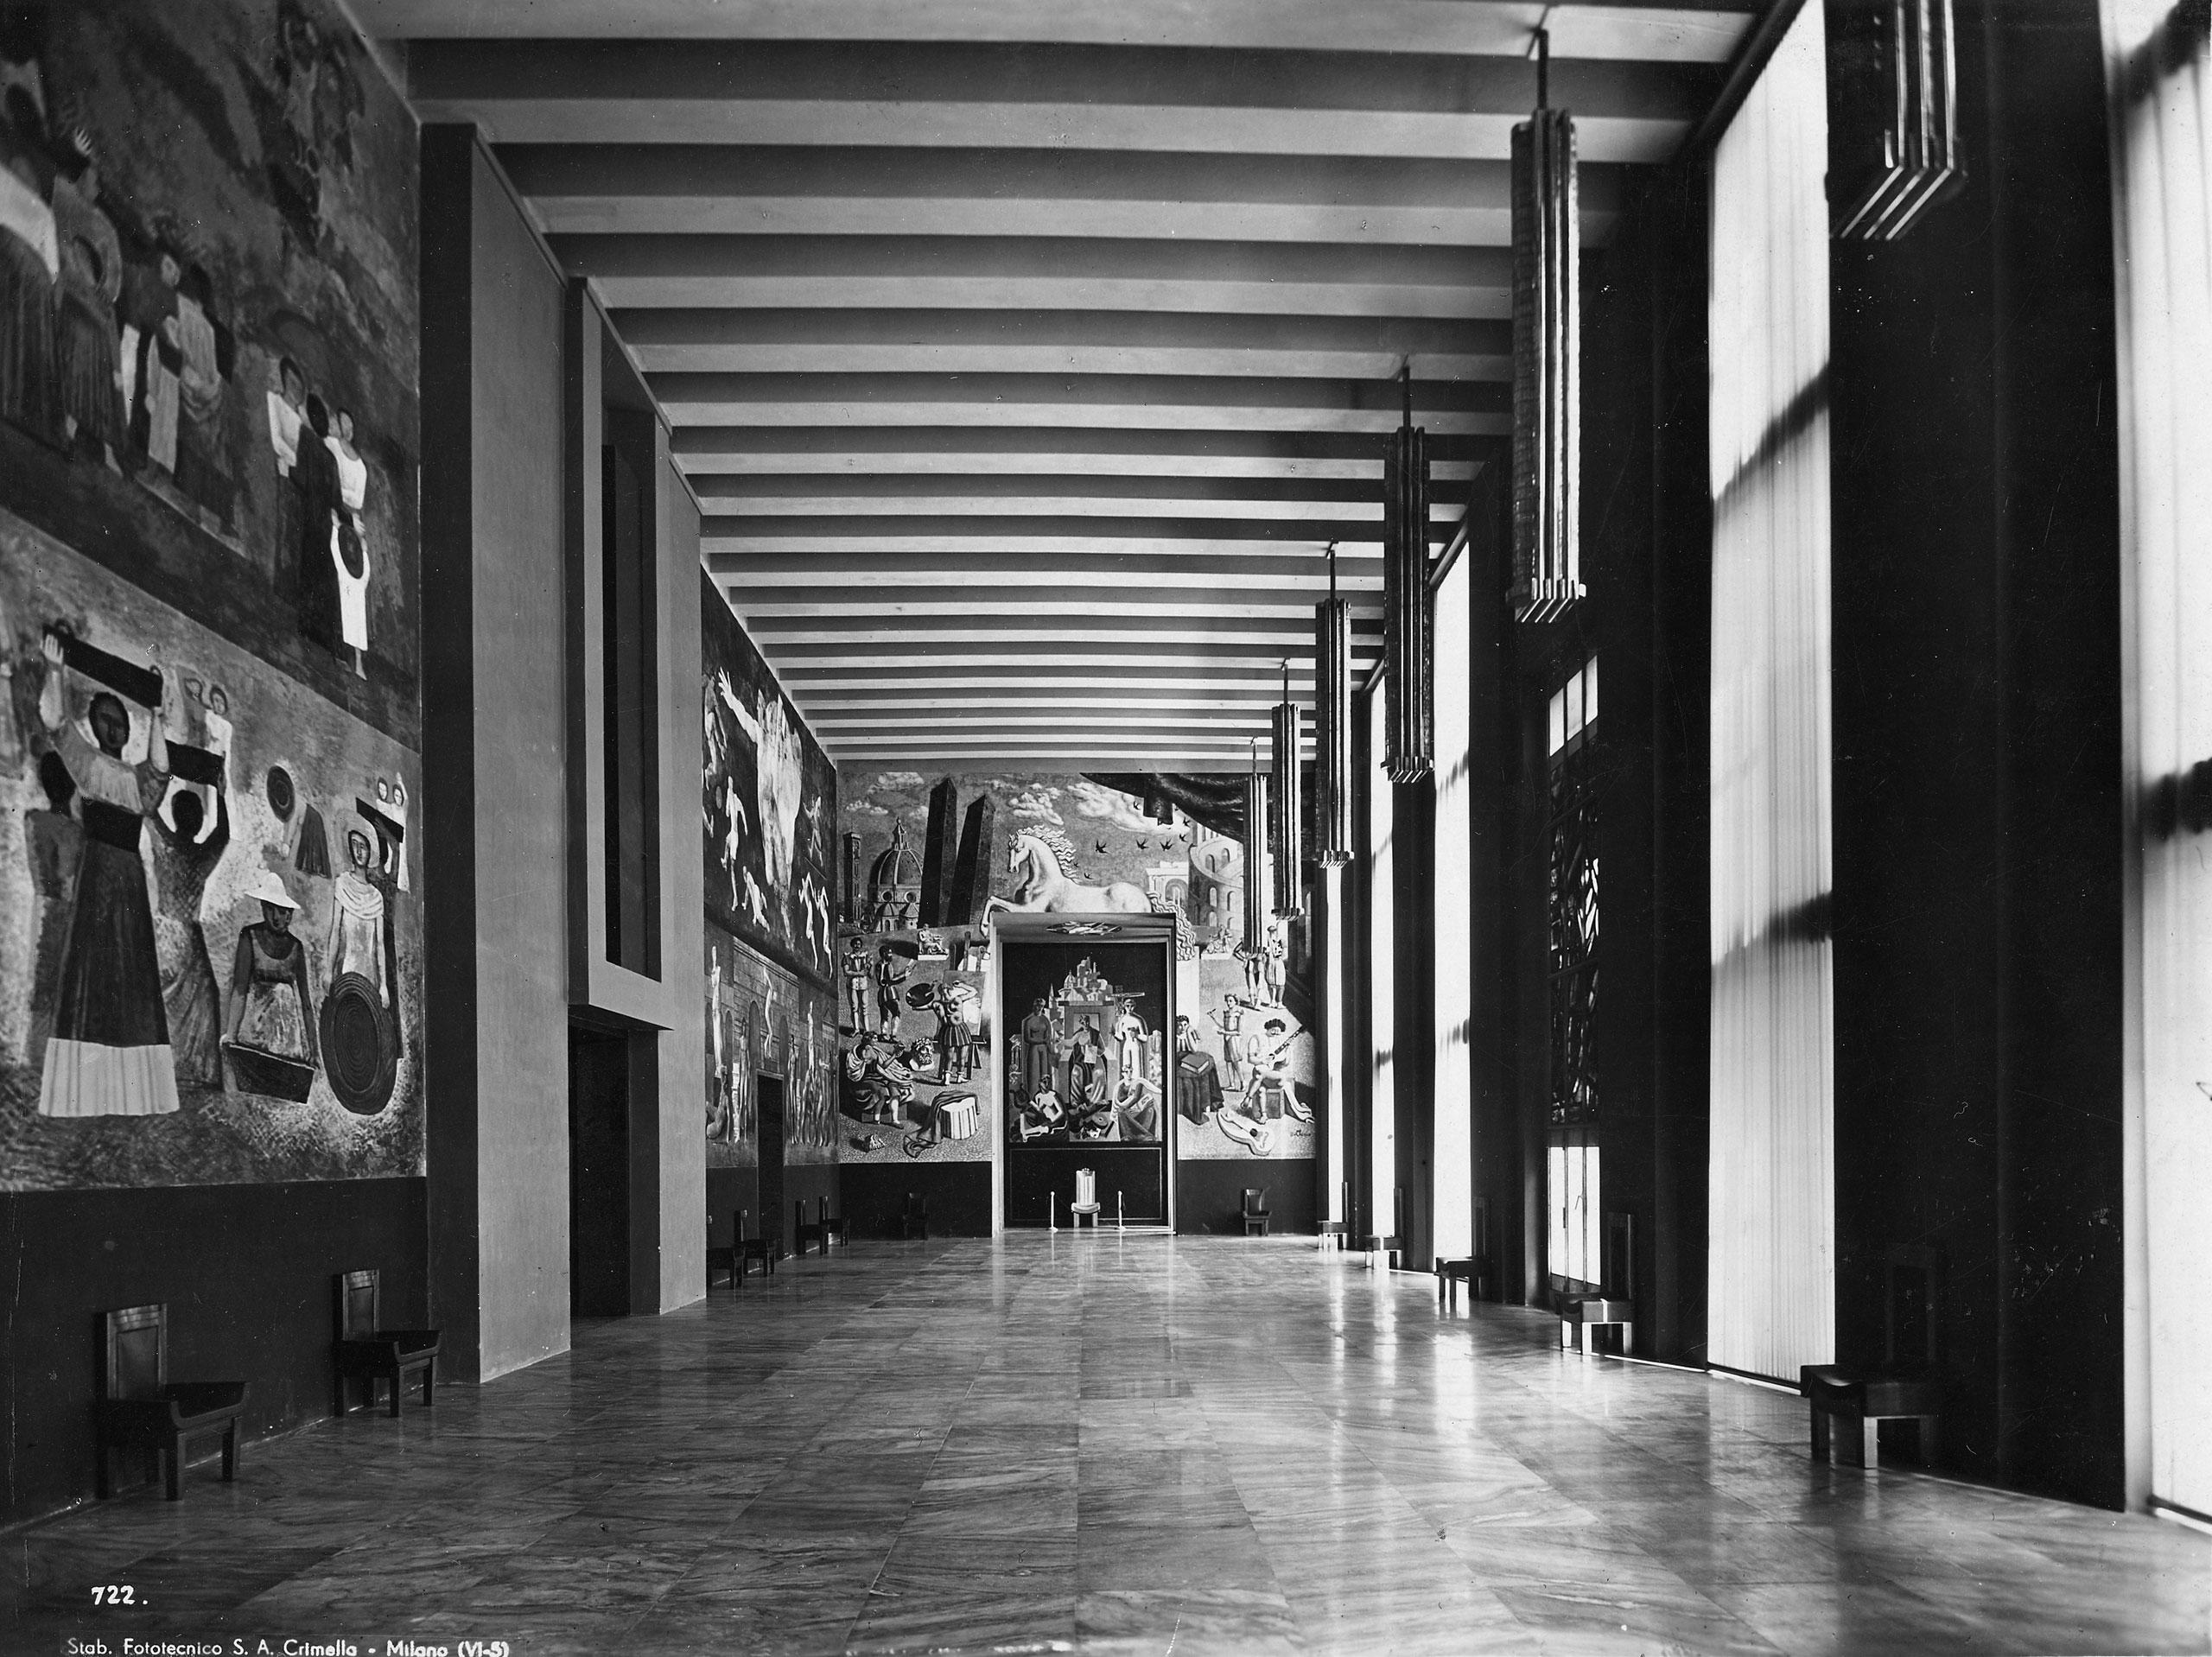 Salone delle Cerimonie, V Triennale di Milano, 1933. Works by Sironi, Severini, De Chirico, Campigli and Funi. Photographic archive © La Triennale di Milano. Photo: Crimella.